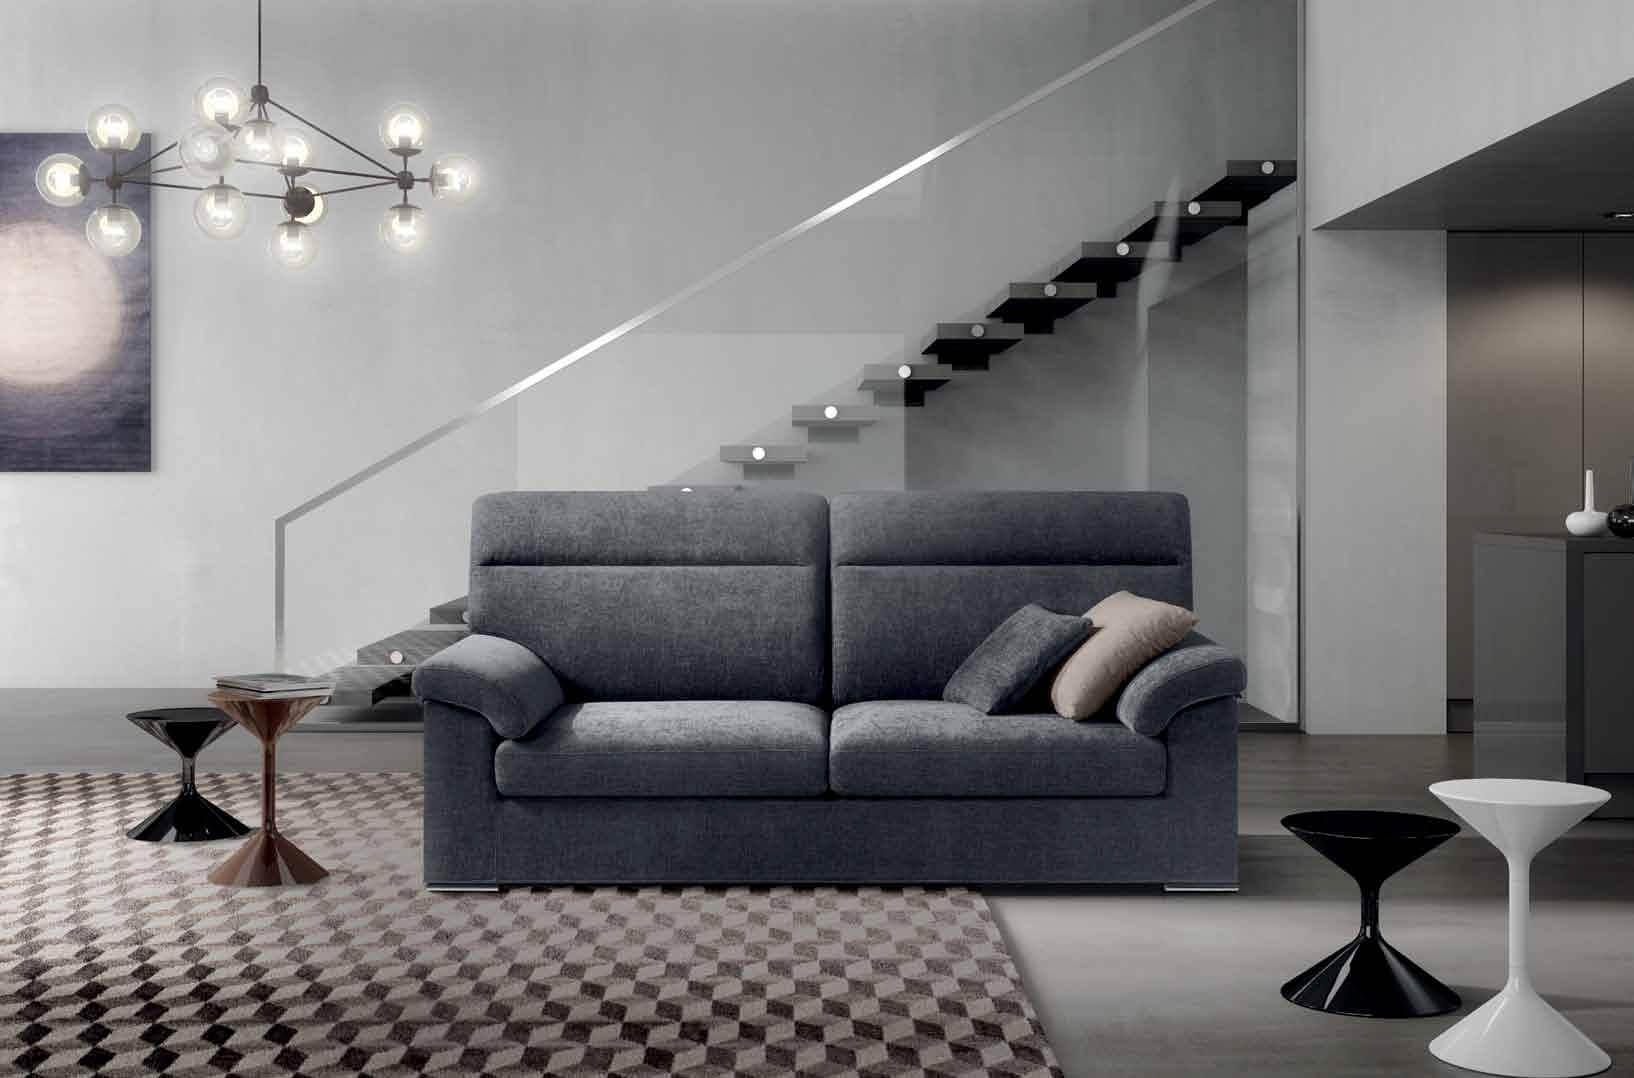 Divano modello teddy arredamento zona giorno divani e poltrone divani e poltrone relax con - Schienale divano ...